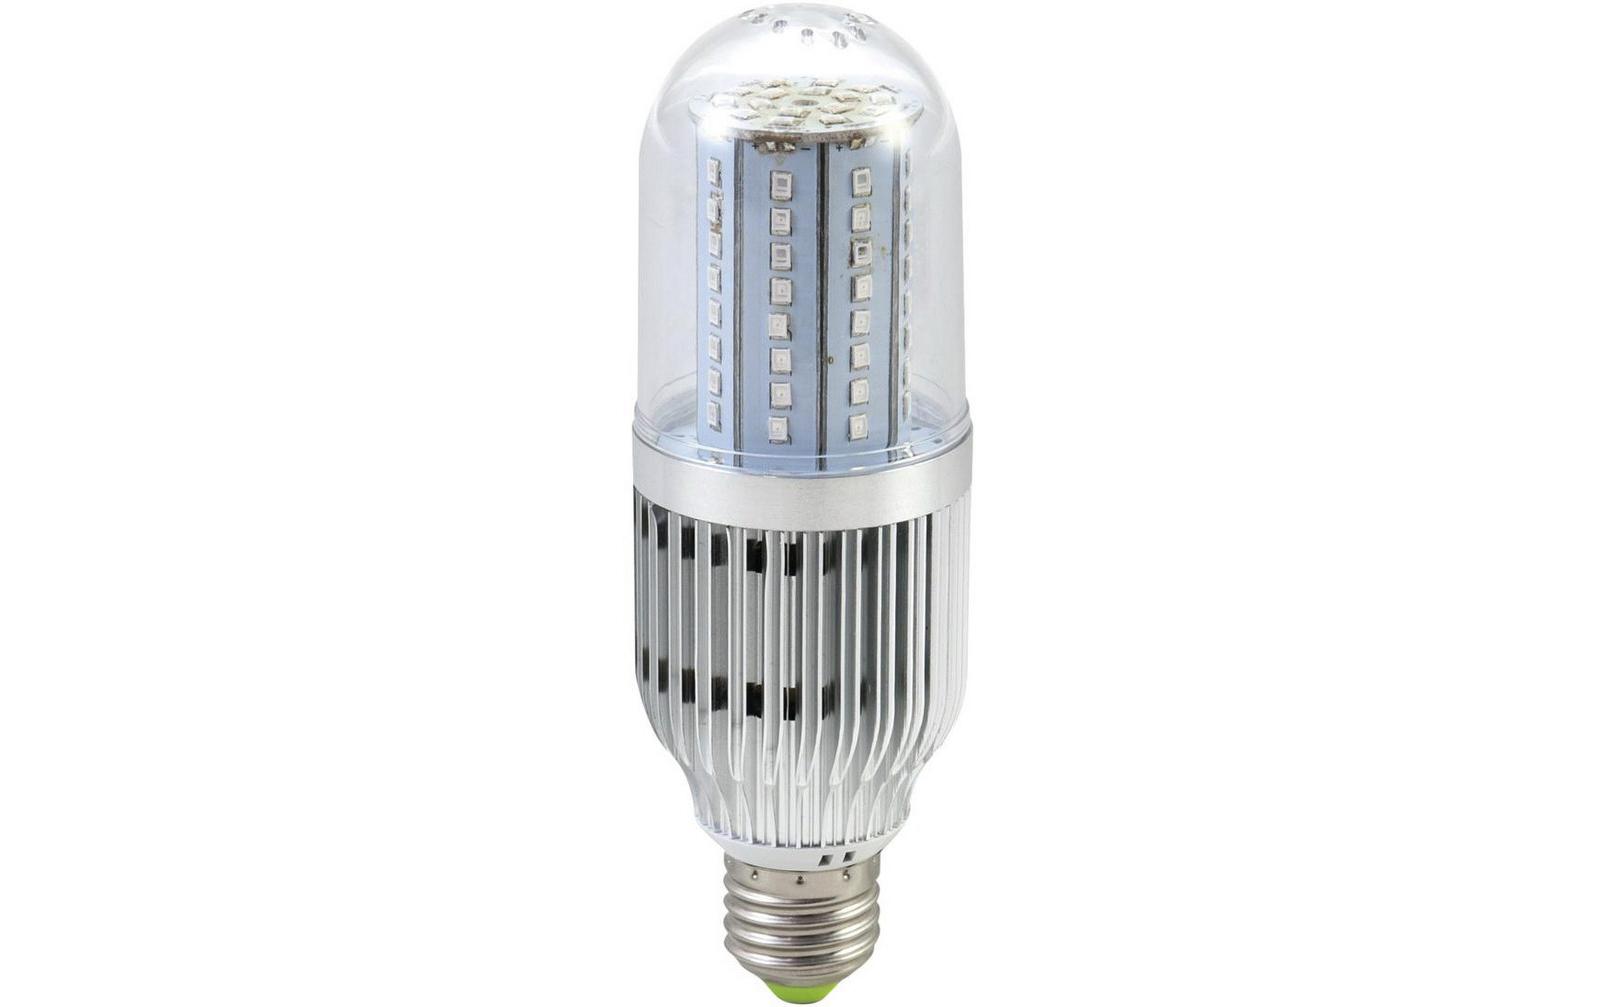 omnilux-led-e-27-230v-15w-80-leds-uv